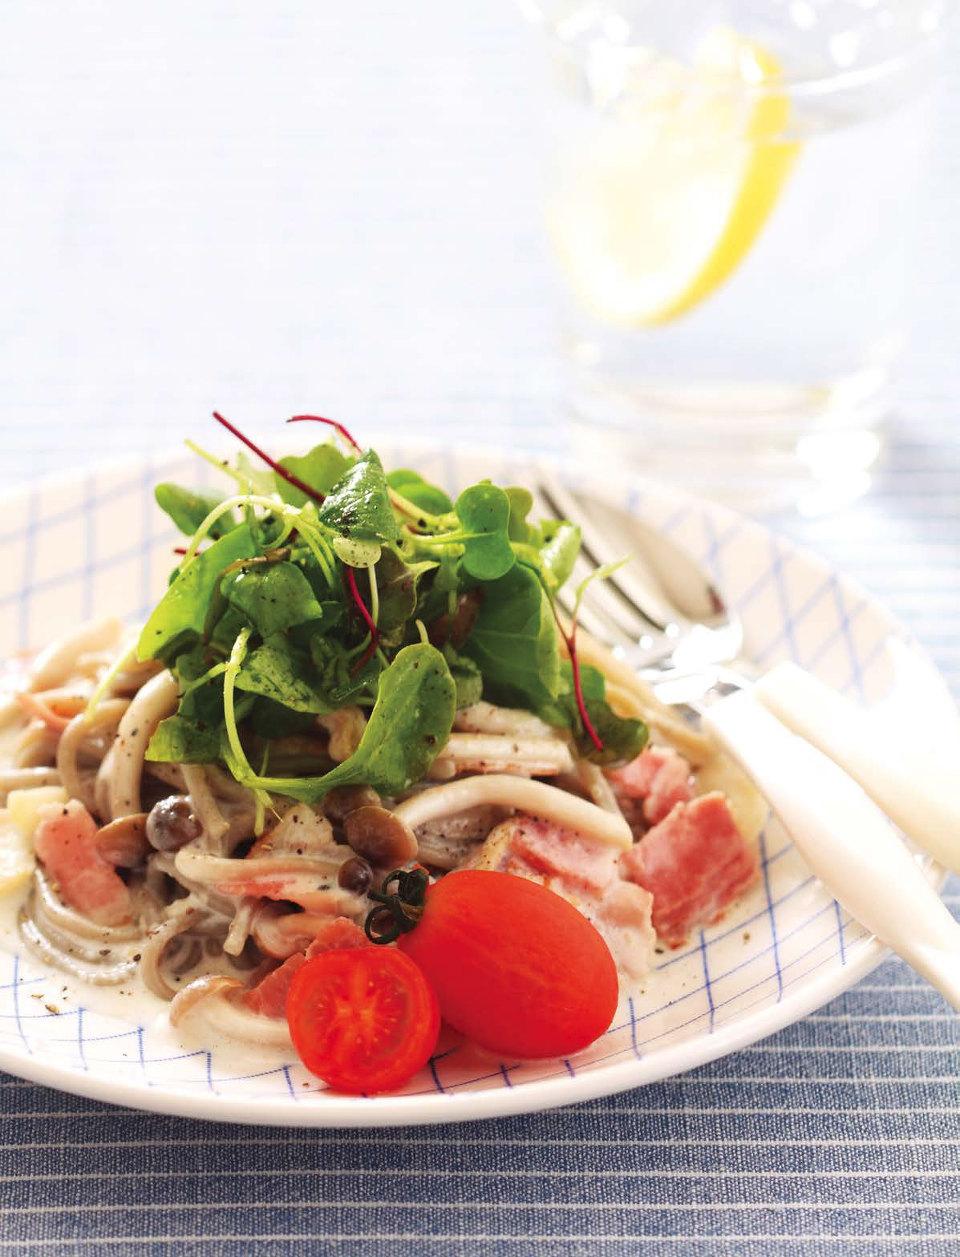 맛과 영양을 모두 만족시키는 제철요리-메밀크림파스타